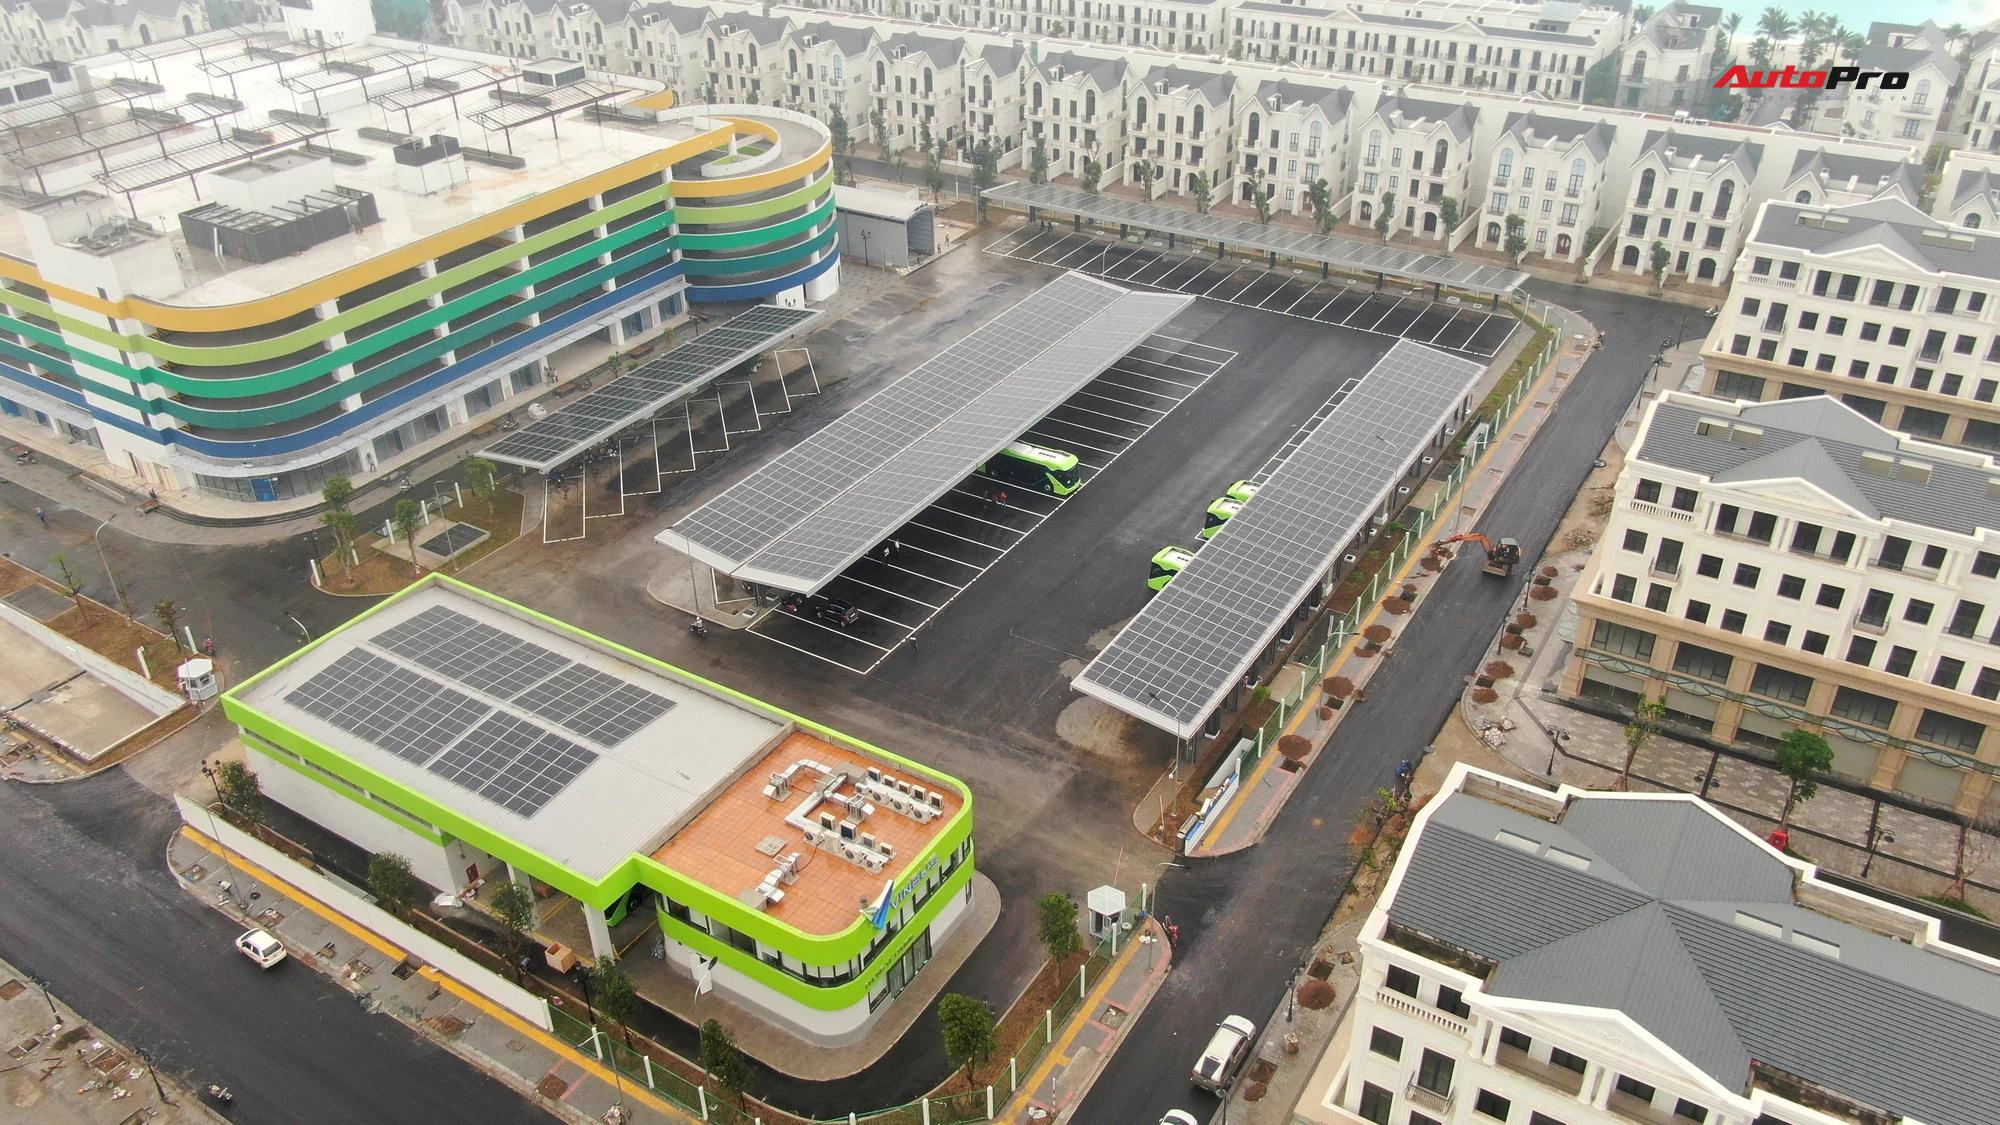 dji0625 16173304465011443042718 16173332897181585856075 VinBus đầu tiên lăn bánh tại Hà Nội: Êm, không khí thải, bãi đỗ có pin mặt trời, có khu rửa xe riêng 'xịn sò'